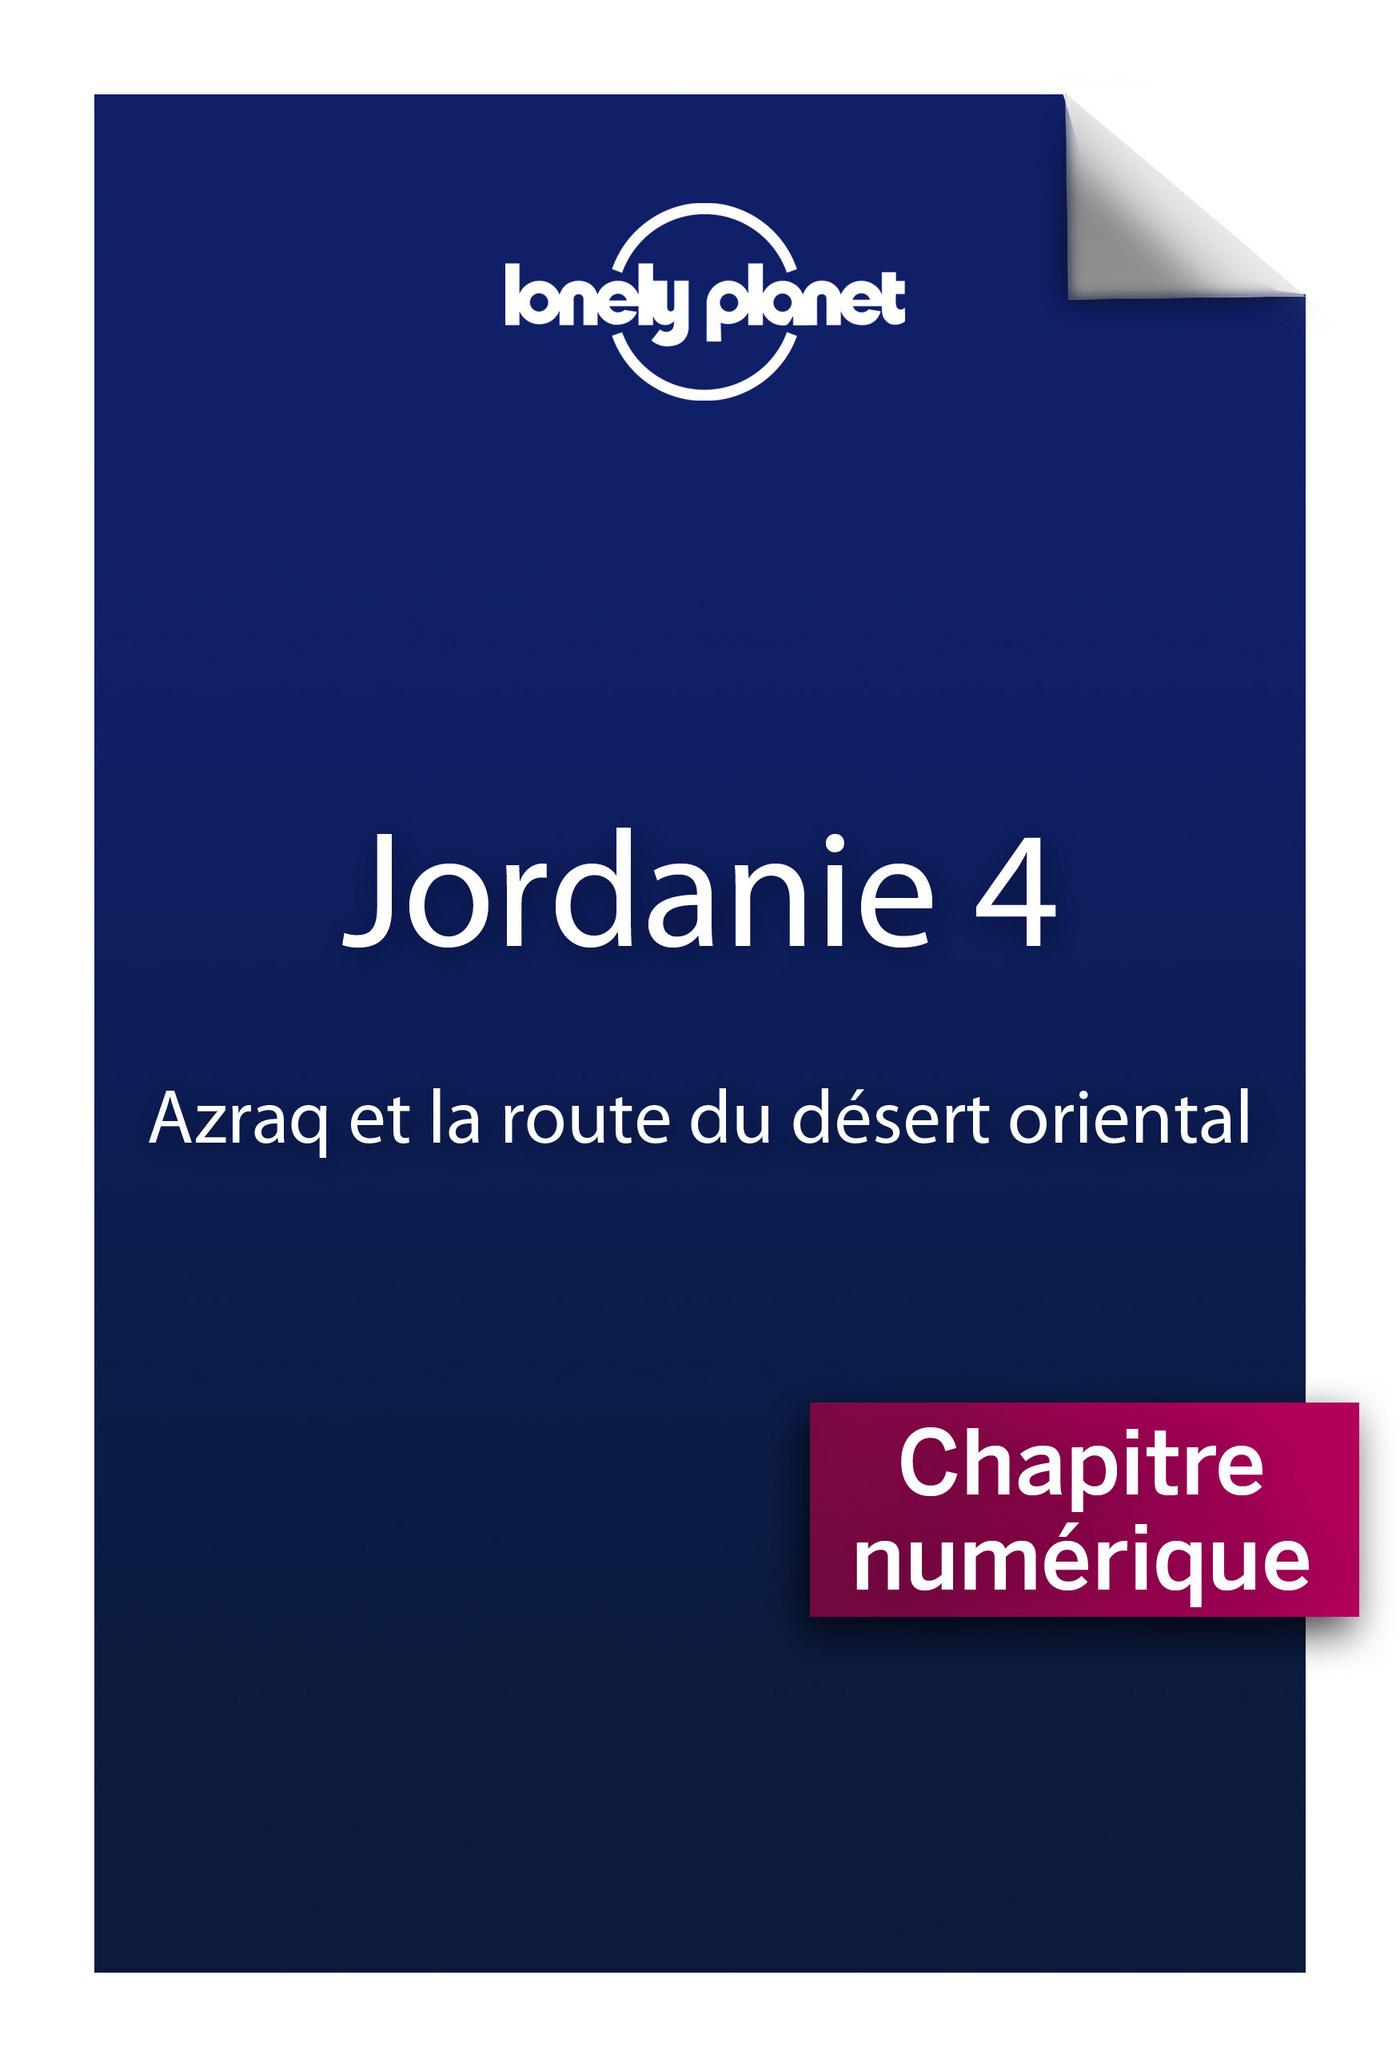 Jordanie 4 - Azraq et la route du désert oriental